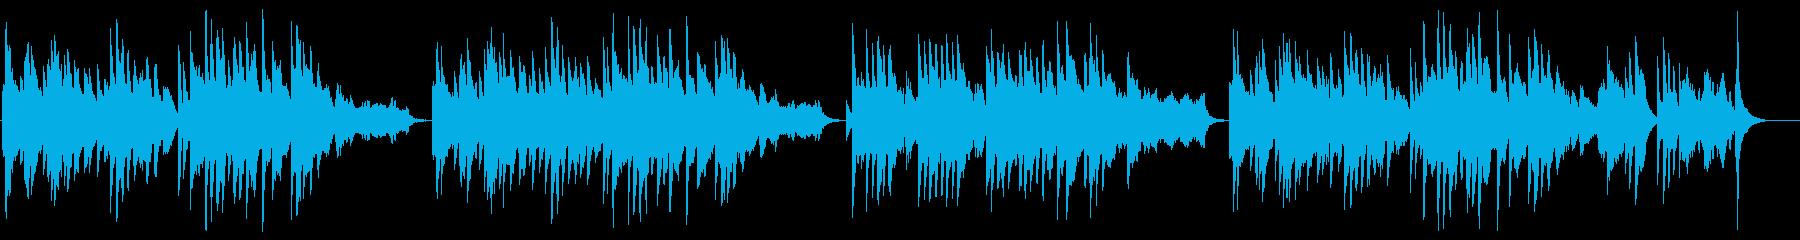 しっとりムーディーなピアノソロの再生済みの波形